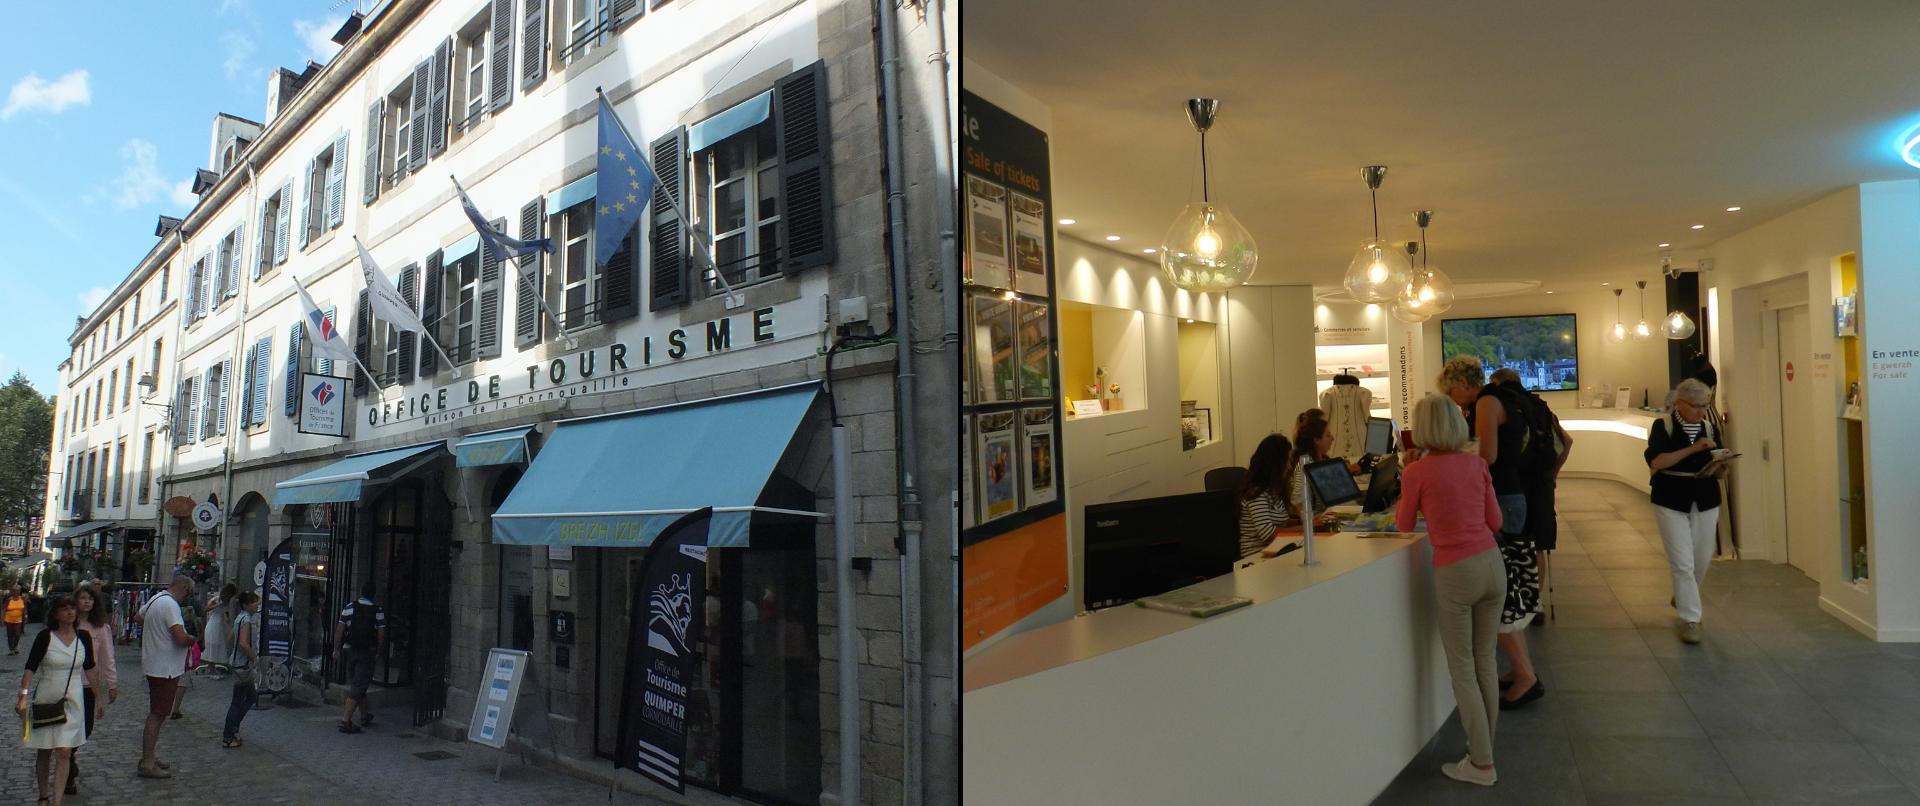 photo-presentation-office-de-tourisme-de-quimper-2